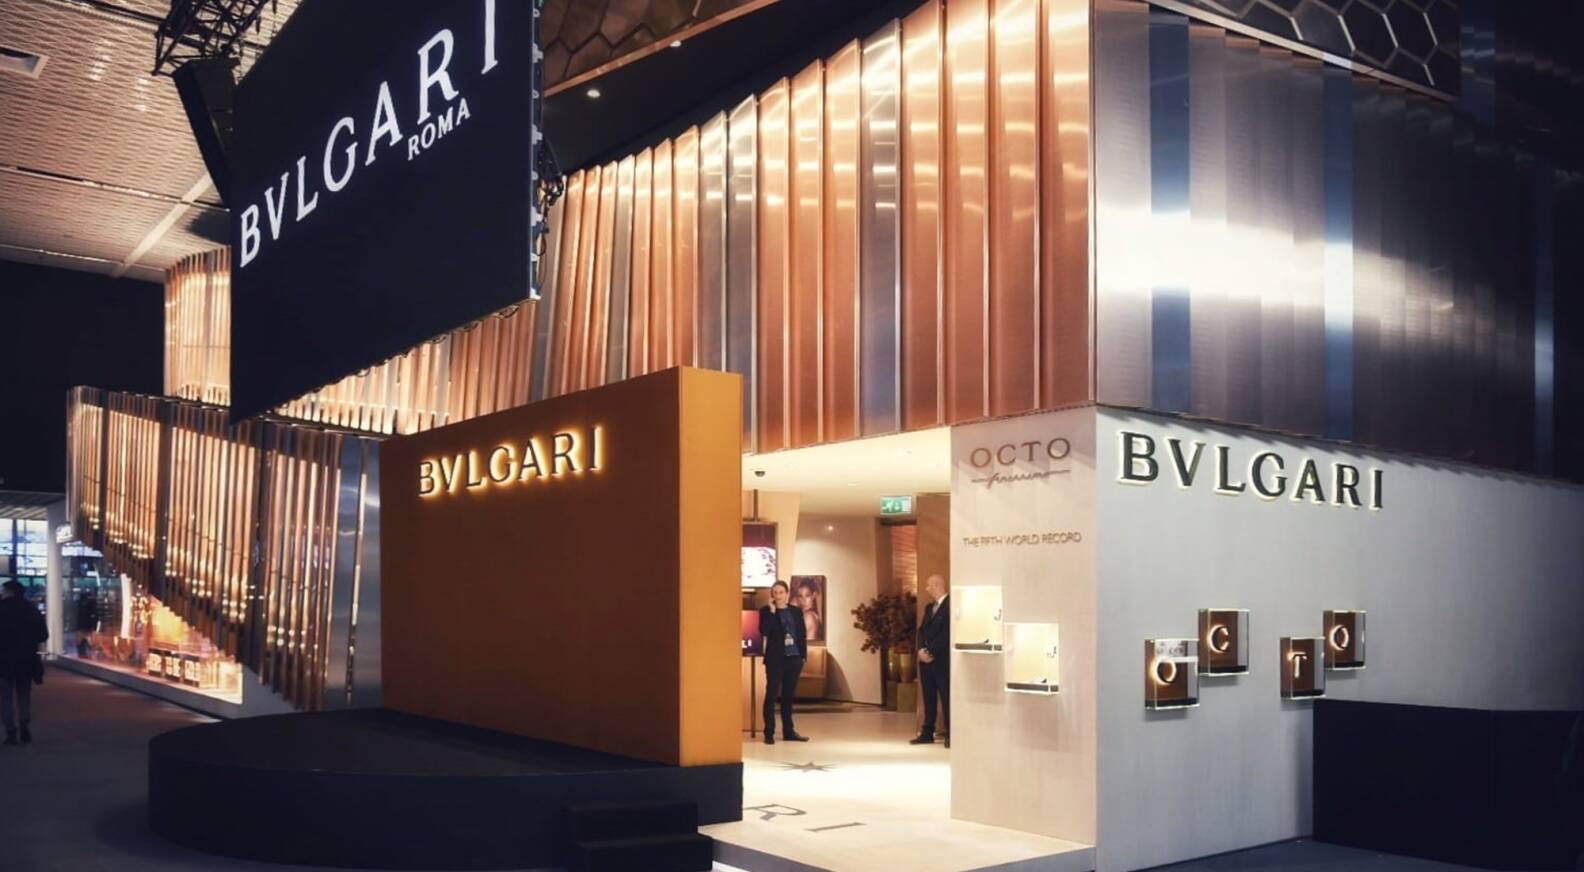 Bvlgari Baselworld 2019